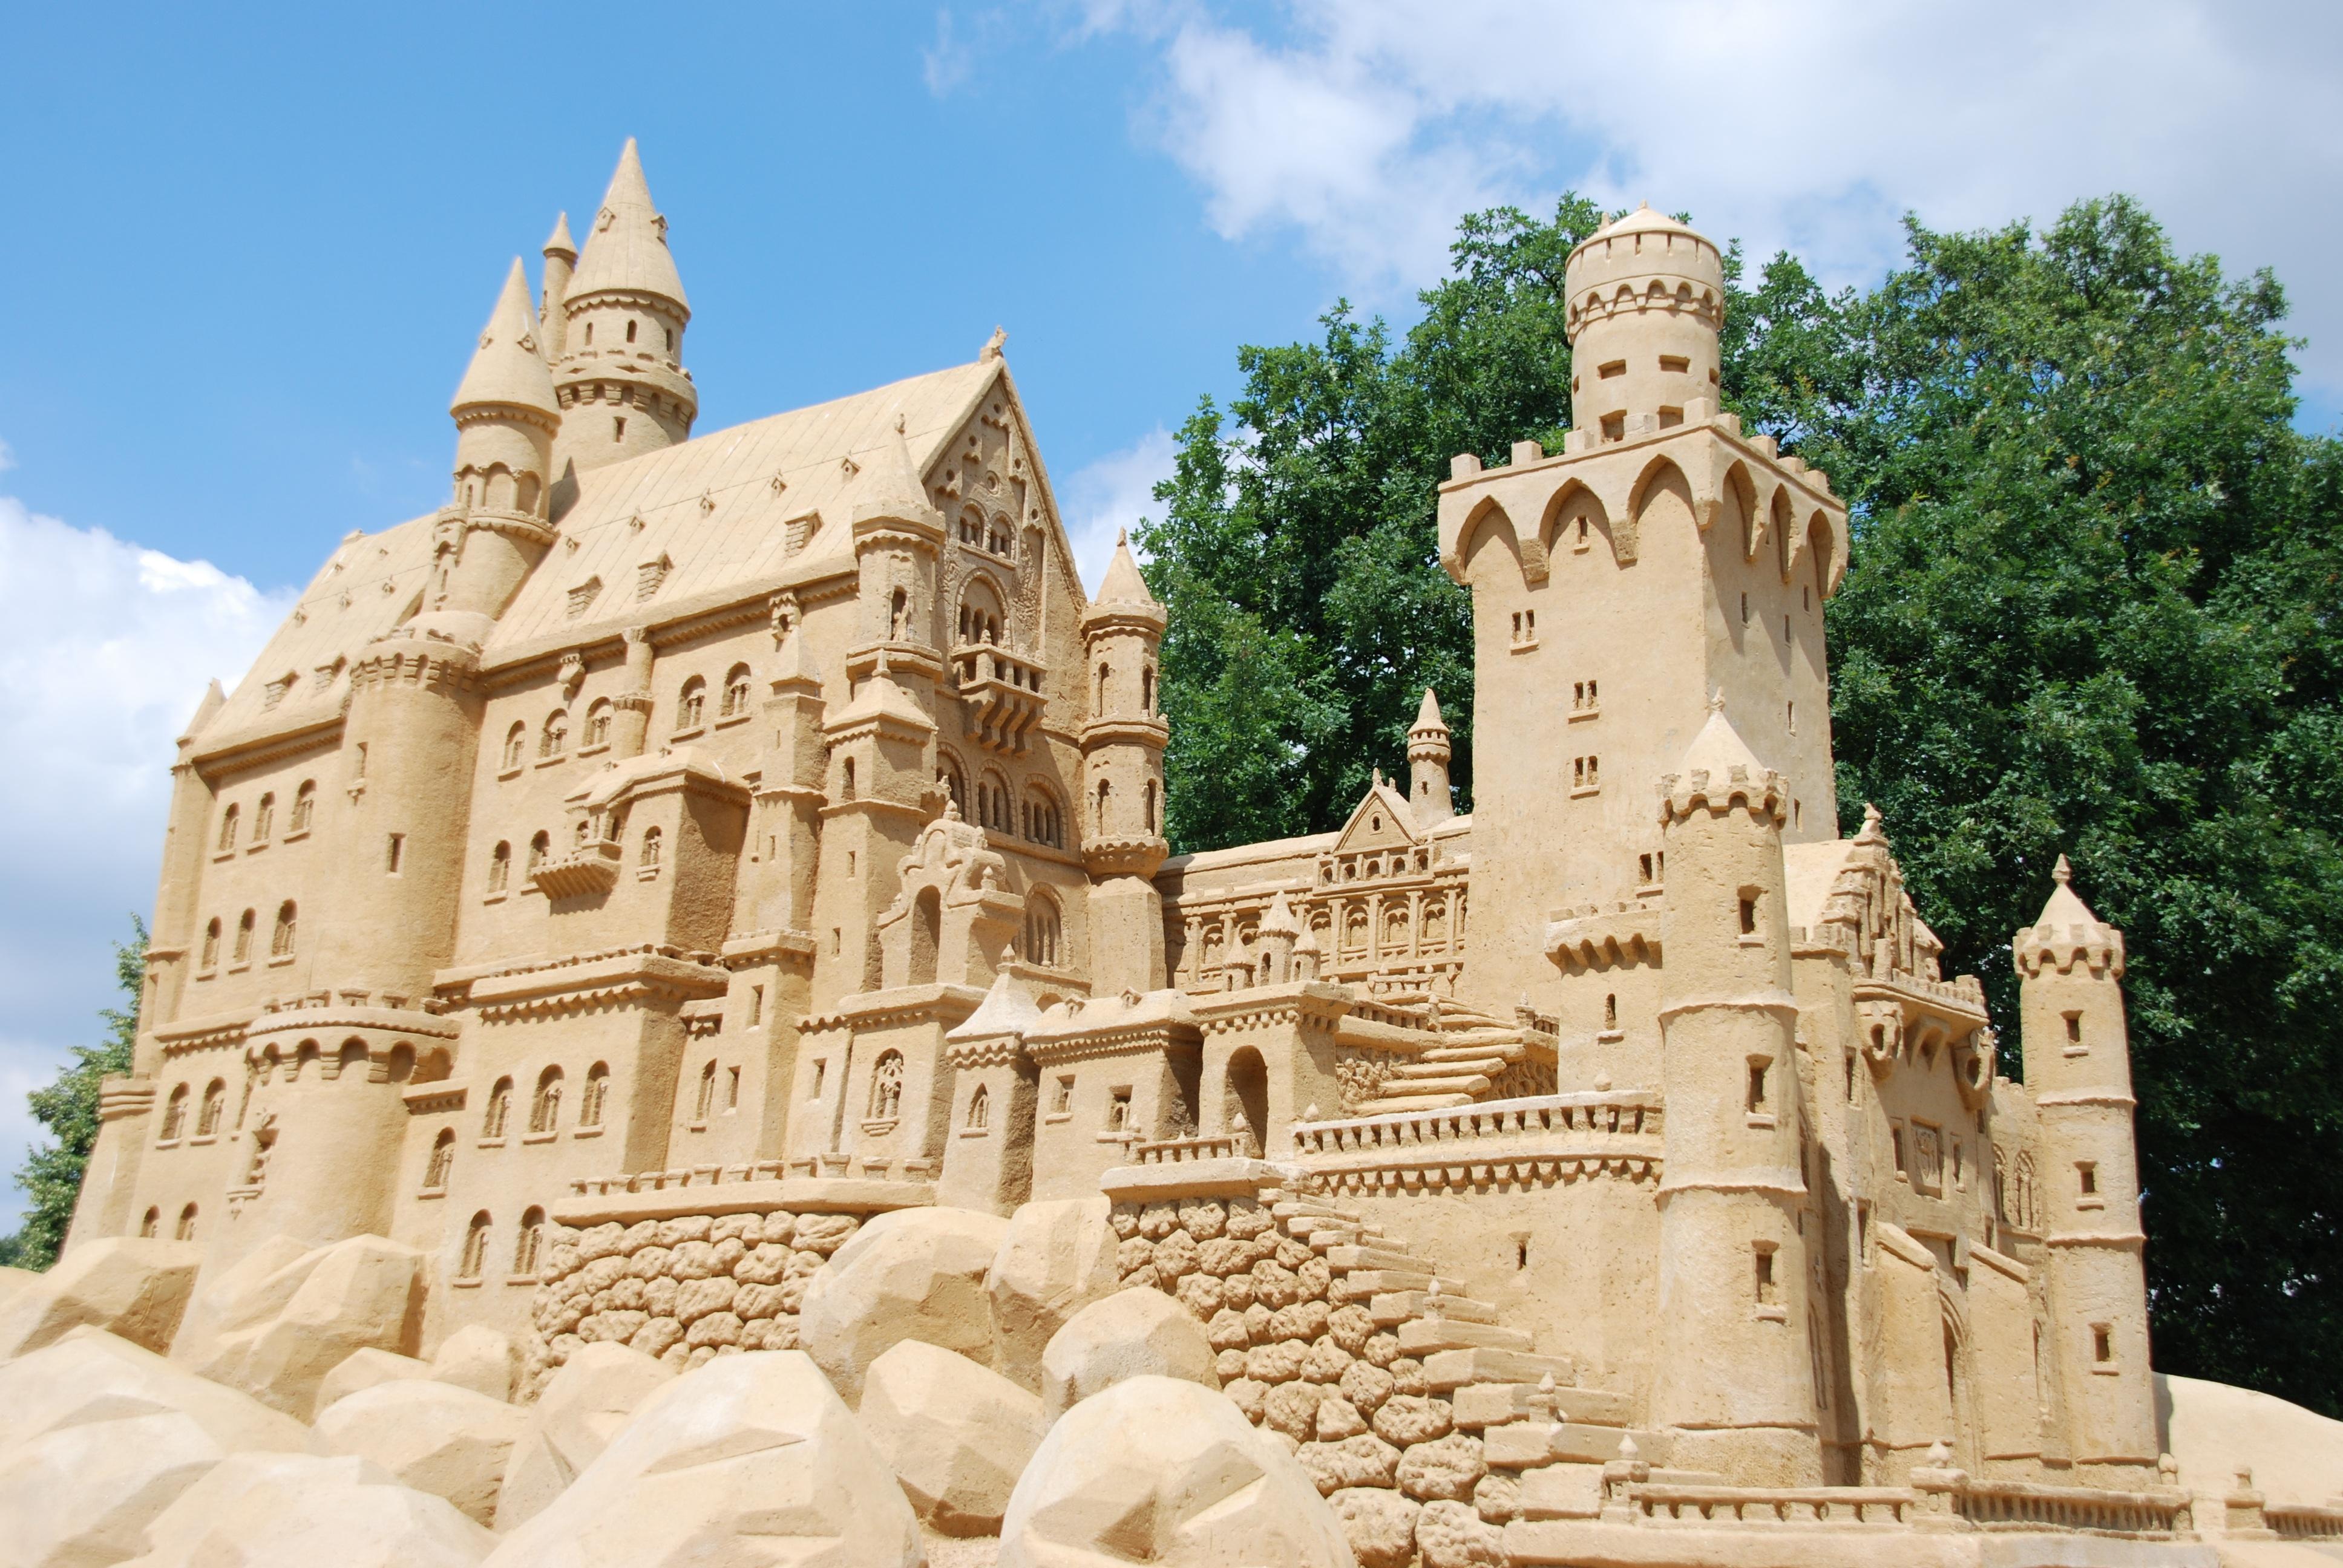 Замок на песке картинка для детей